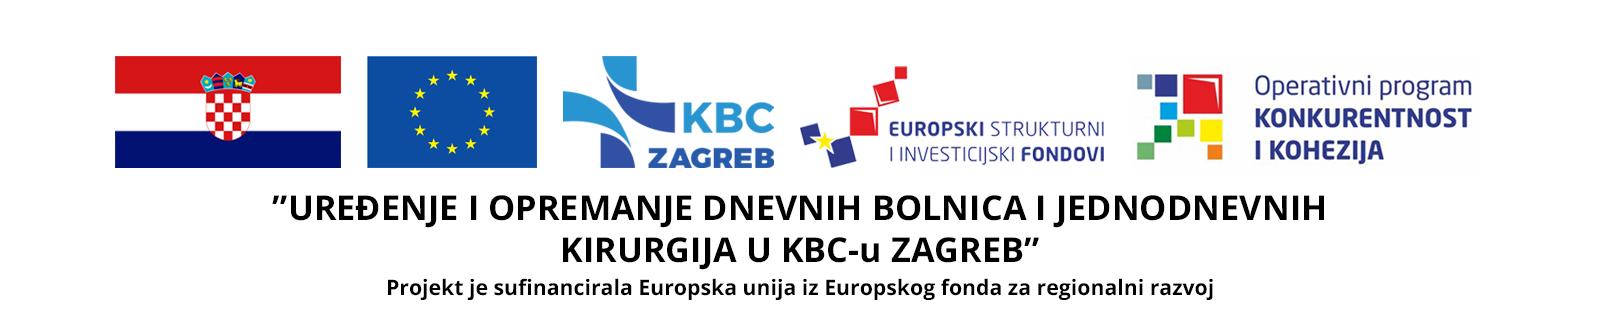 Projekt Uređenje I Opremanje Dnevnih Bolnica I Jednodnevnih Kirurgija U Kbc U Zagreb Kk 08 1 2 03 0012